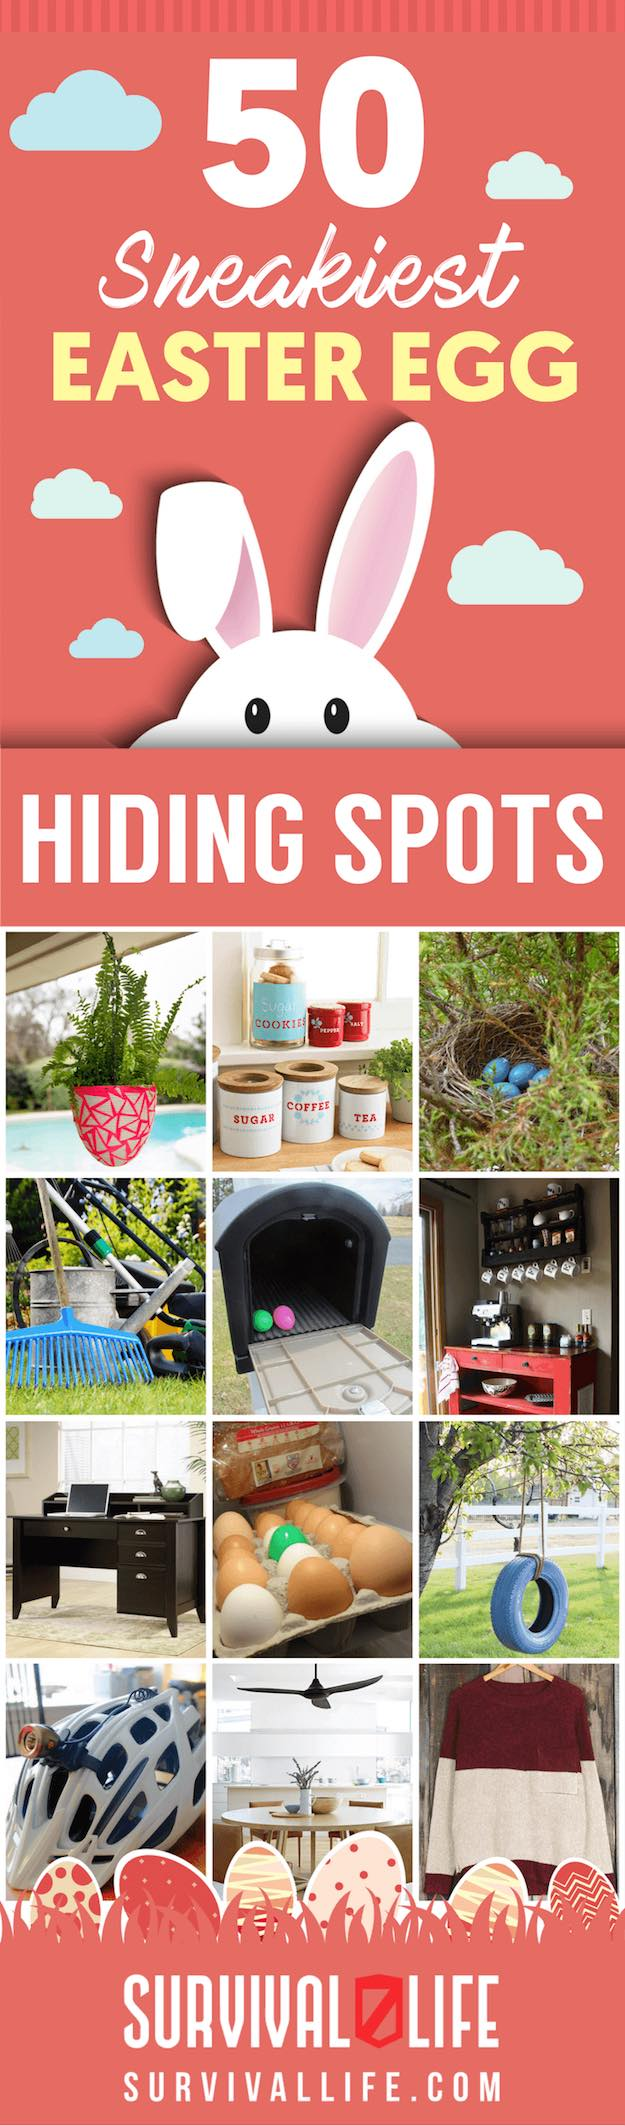 50 easter egg hiding spots